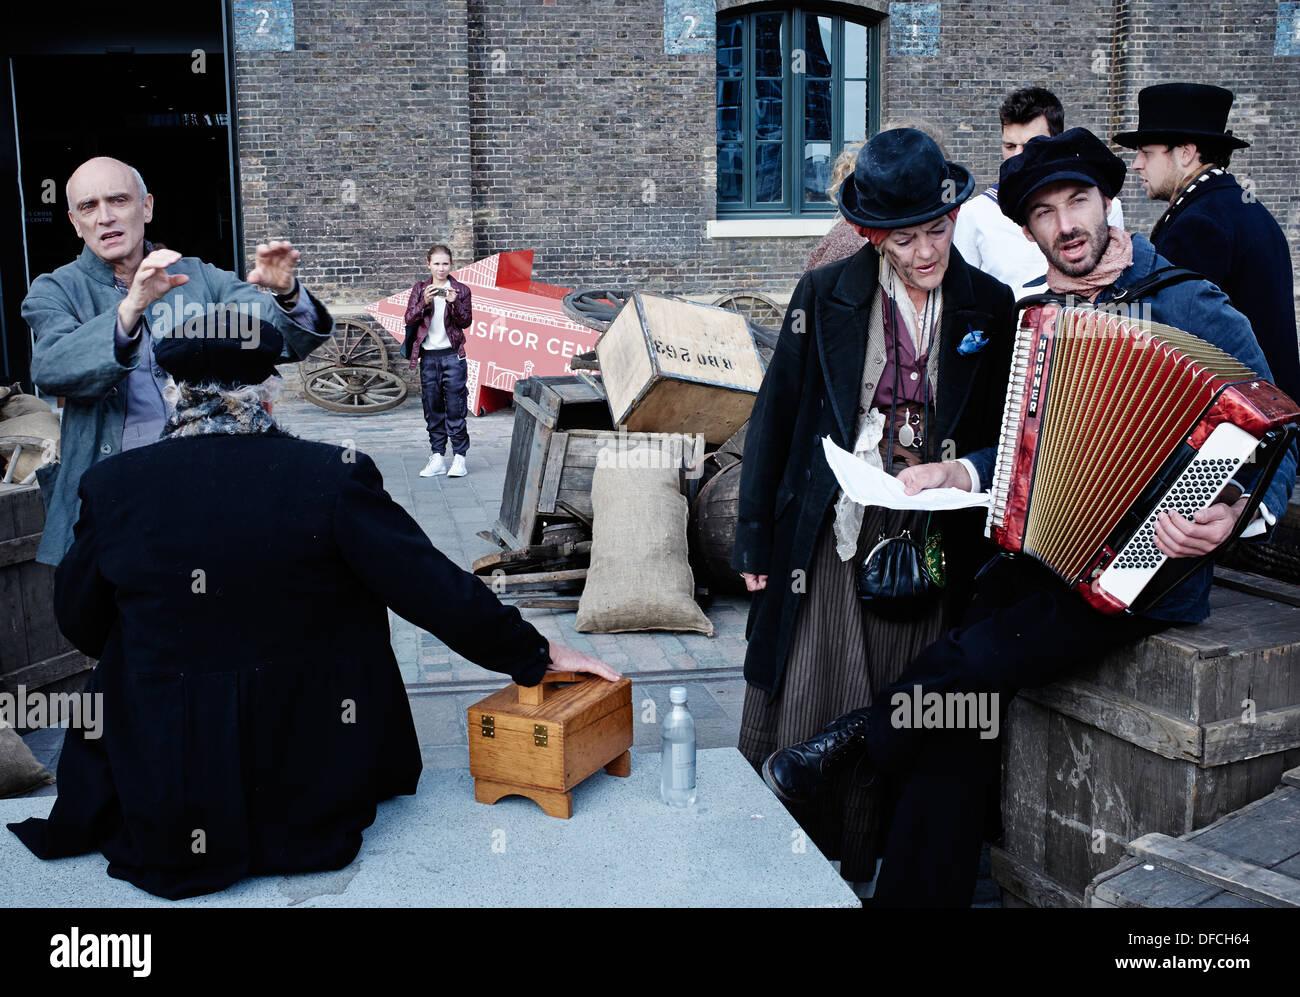 A scene from King's Cross Journeys, Granary Square, King's Cross, London N1C. September 2013. - Stock Image